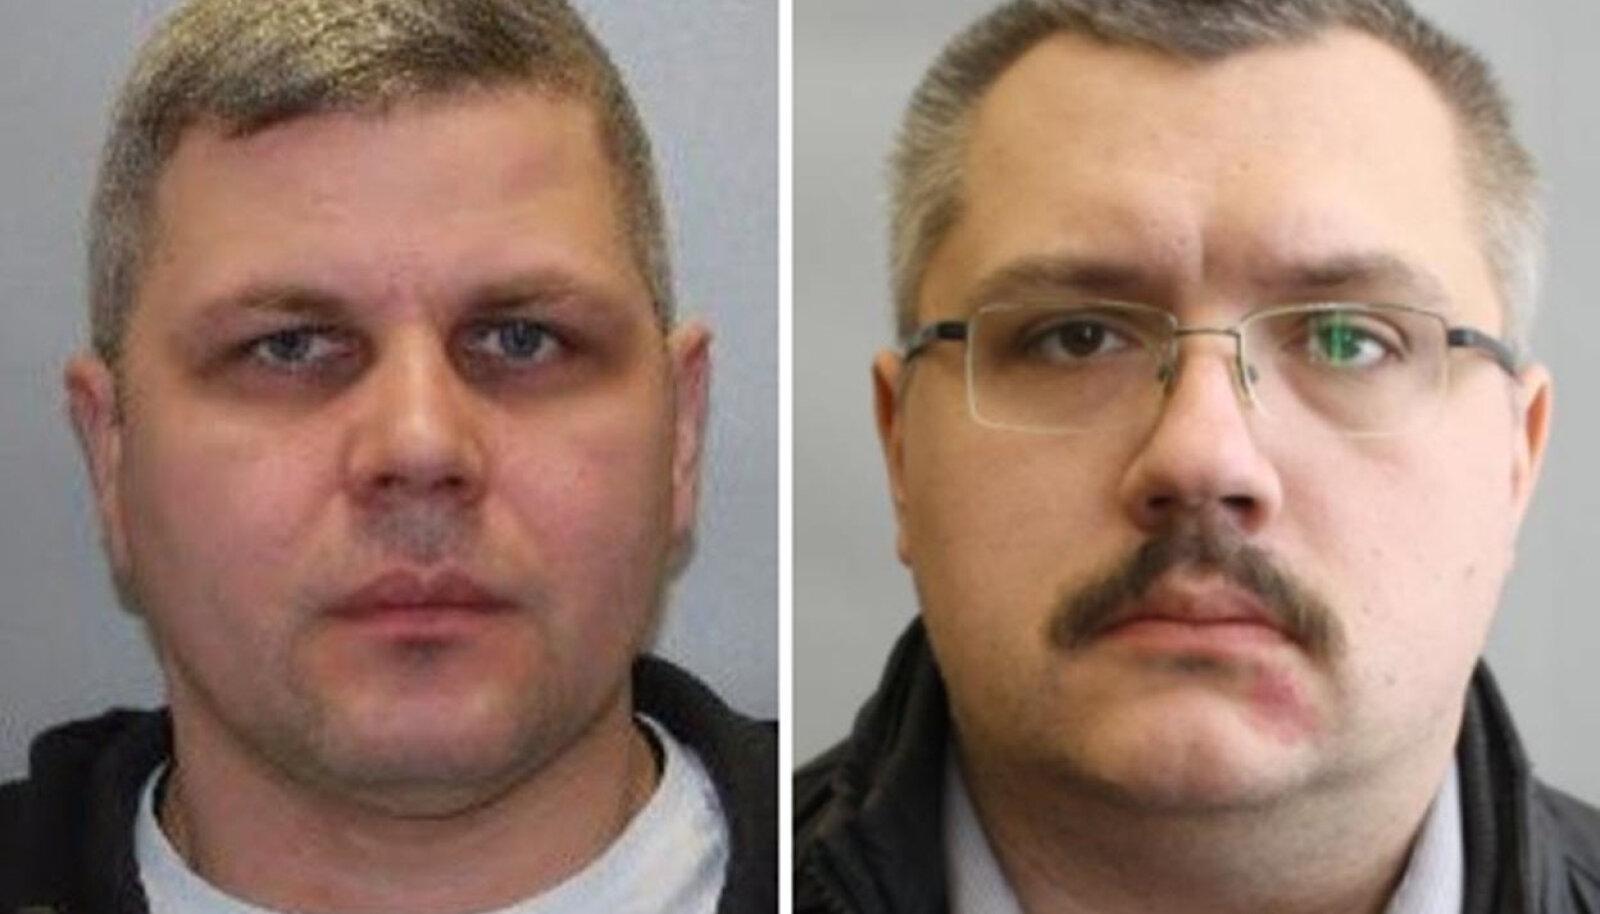 FSB agendid Ivan Ossipov ja Aleksei Aleksandrov